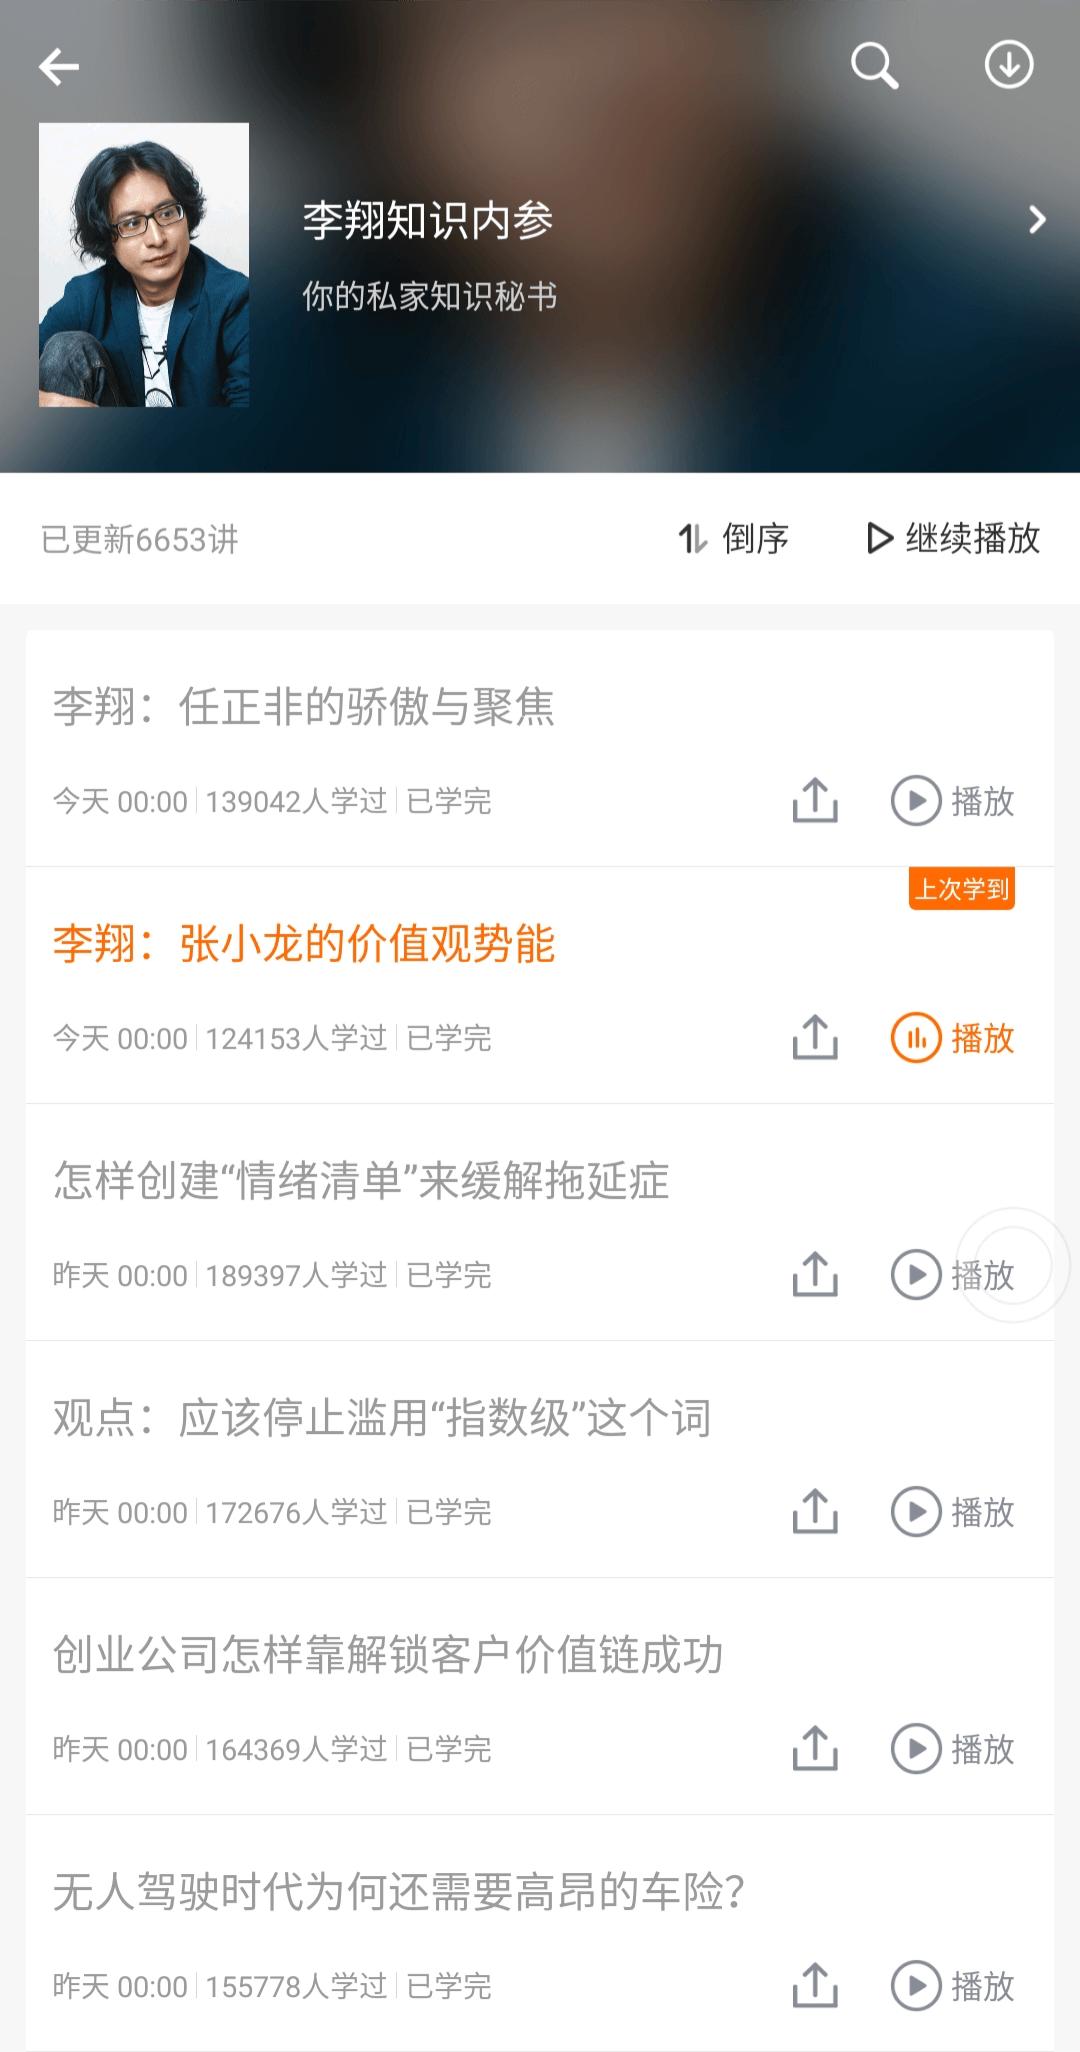 李翔知识内列表